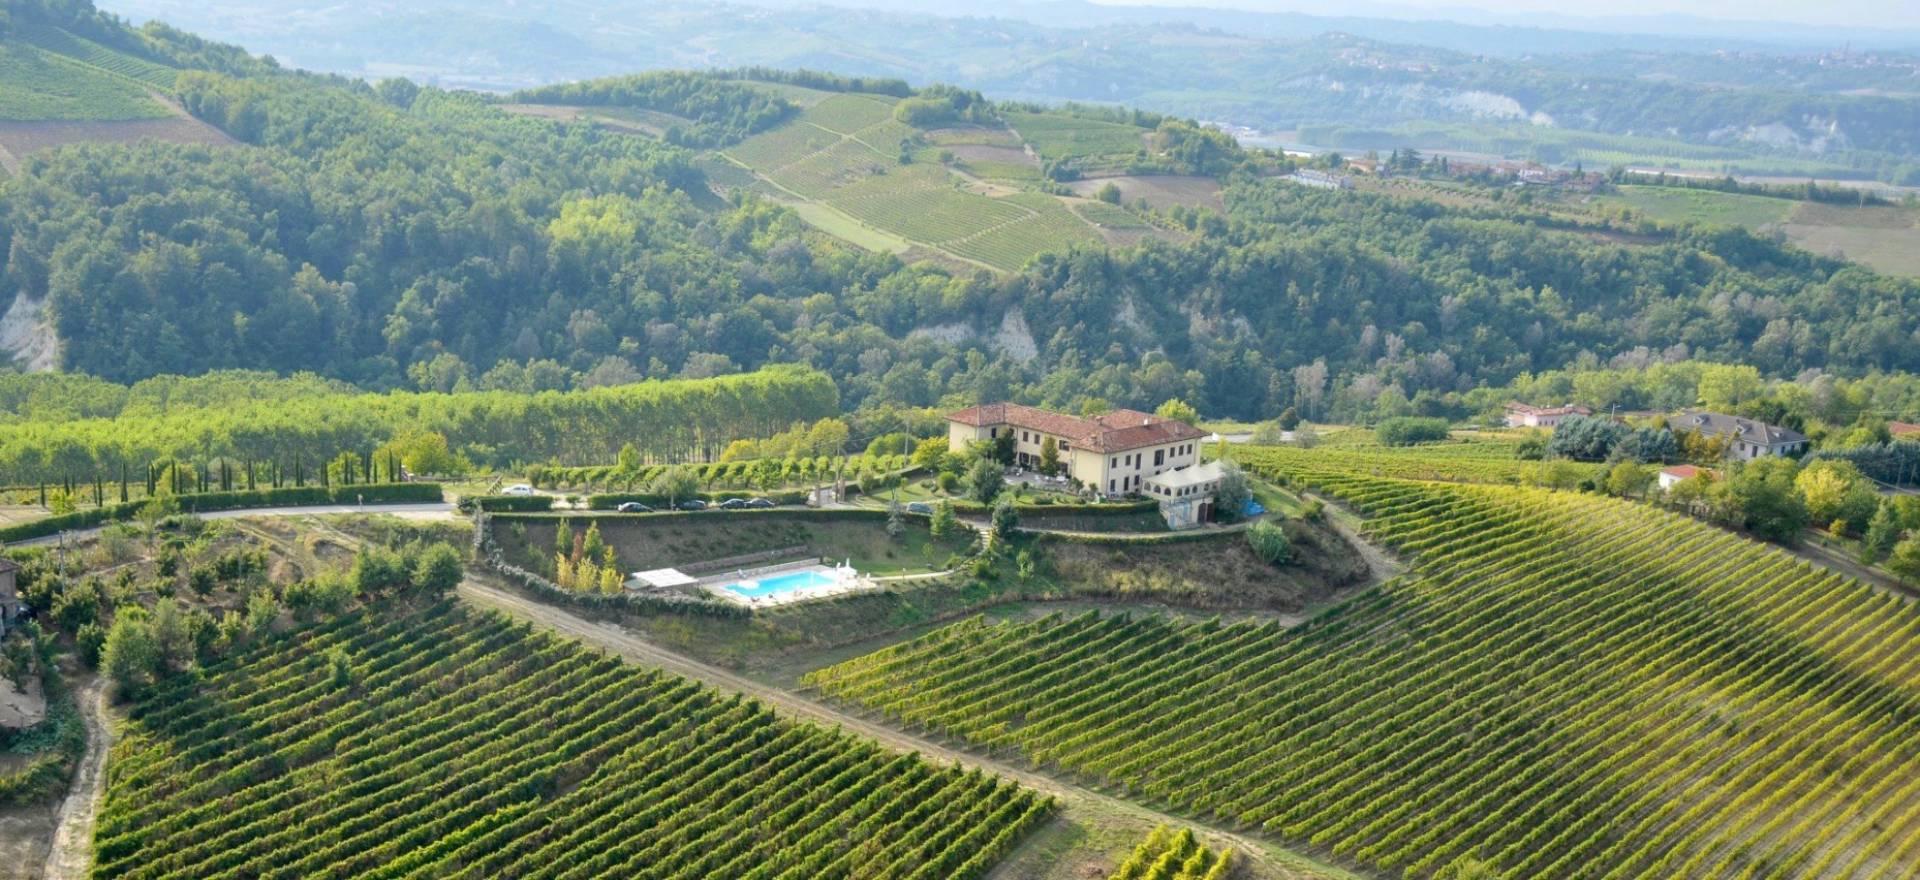 Agriturismo Piemonte Agriturismo Piemonte voor liefhebbers van goede wijn